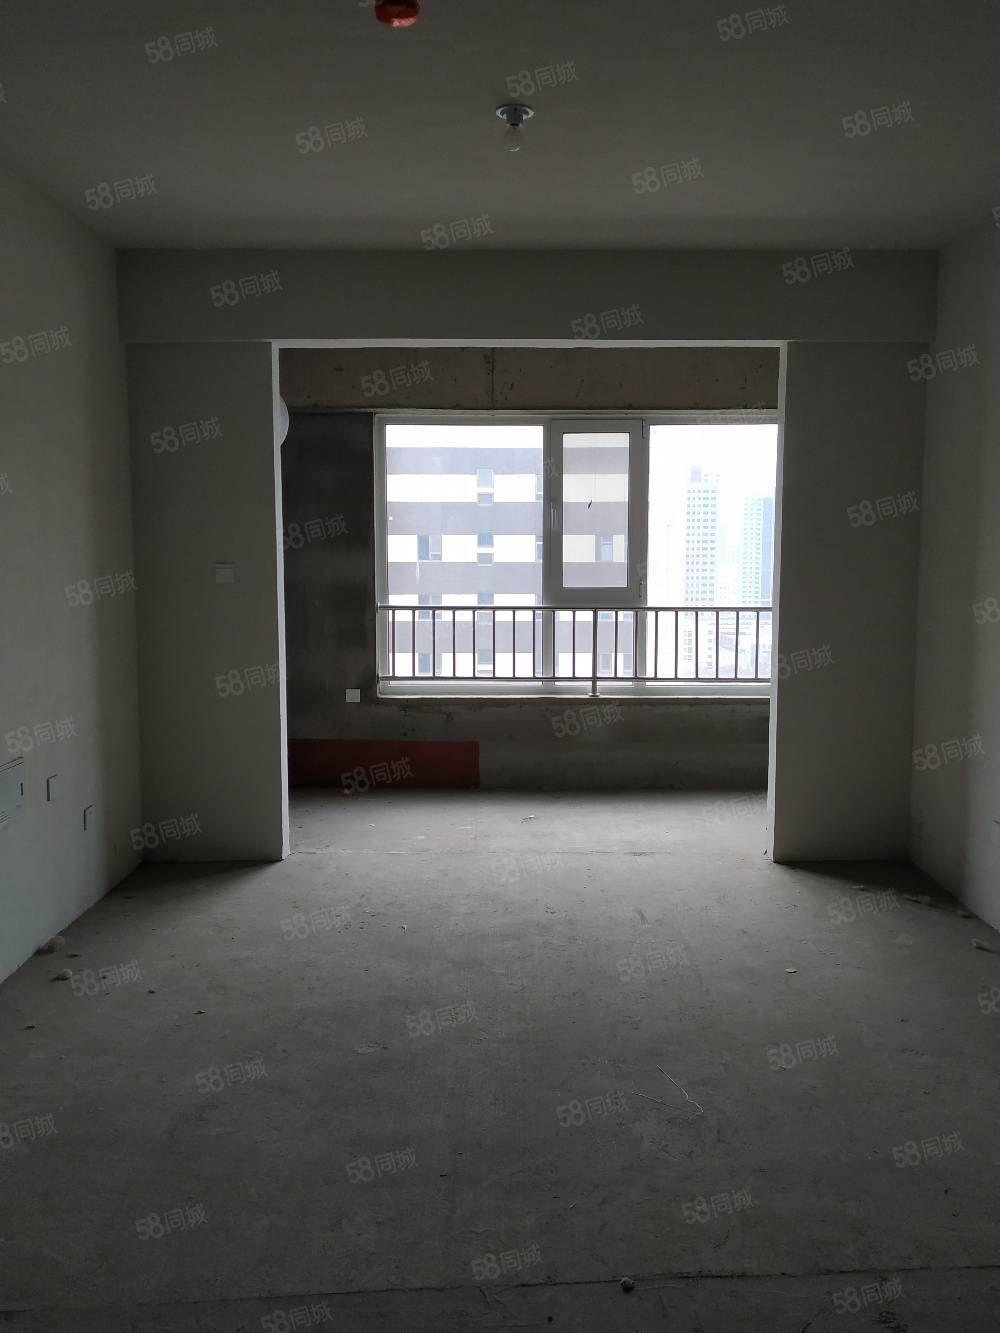 东门小学十五中曼哈顿现房现买现住三室两厅户型亮堂